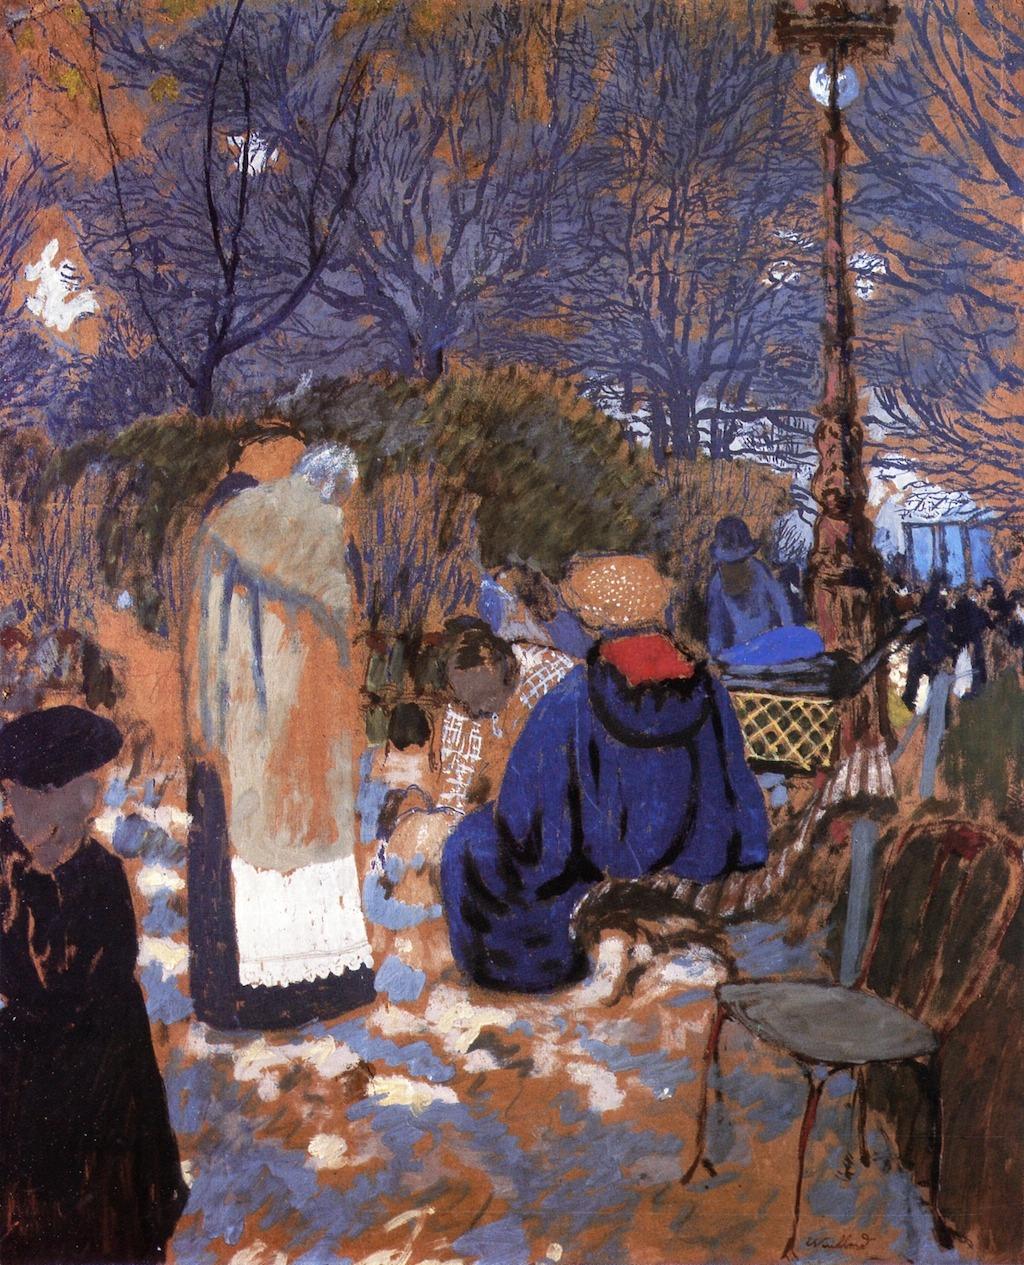 wonderingaboutitall: Park Scene - Edouard Vuillard